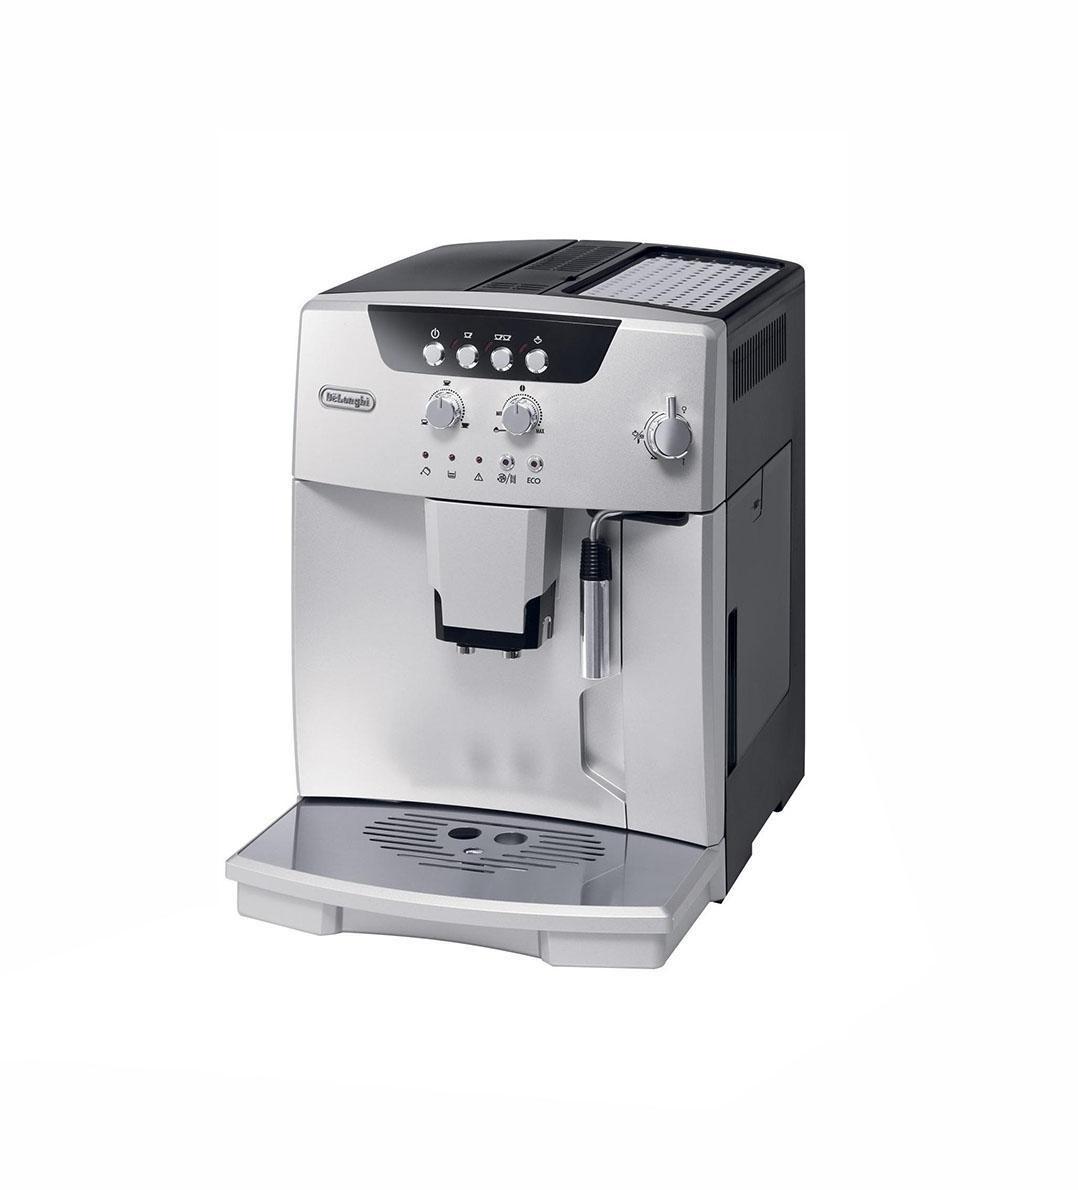 Автоматическая кофемашина DeLonghi DeLonghi ESAM 04.110.S, Silver, серый металлик, белый  #1